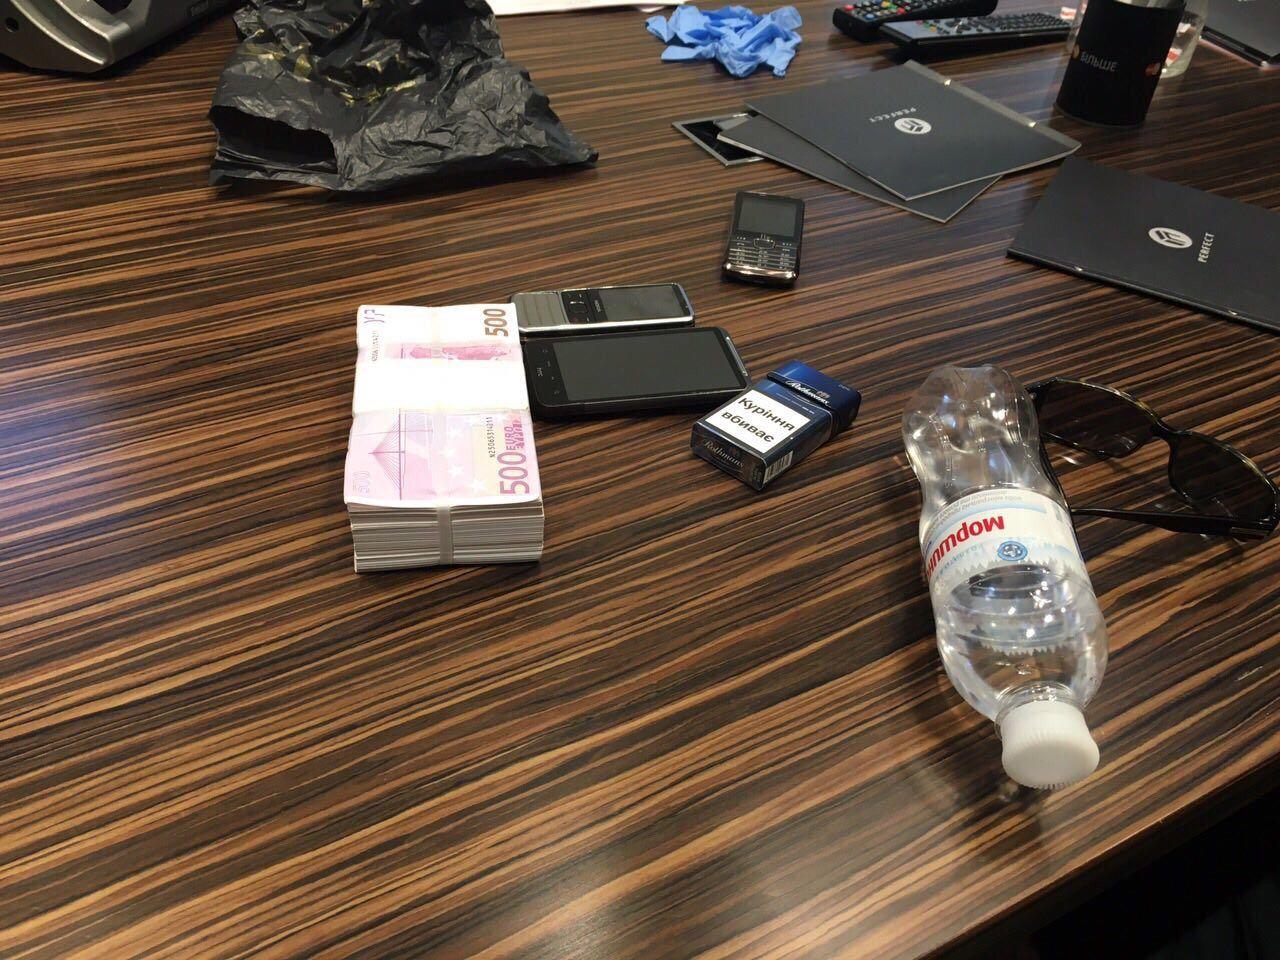 В Киевской области на взятке в 300 тысяч долларов попался мэр города, опубликованы фото